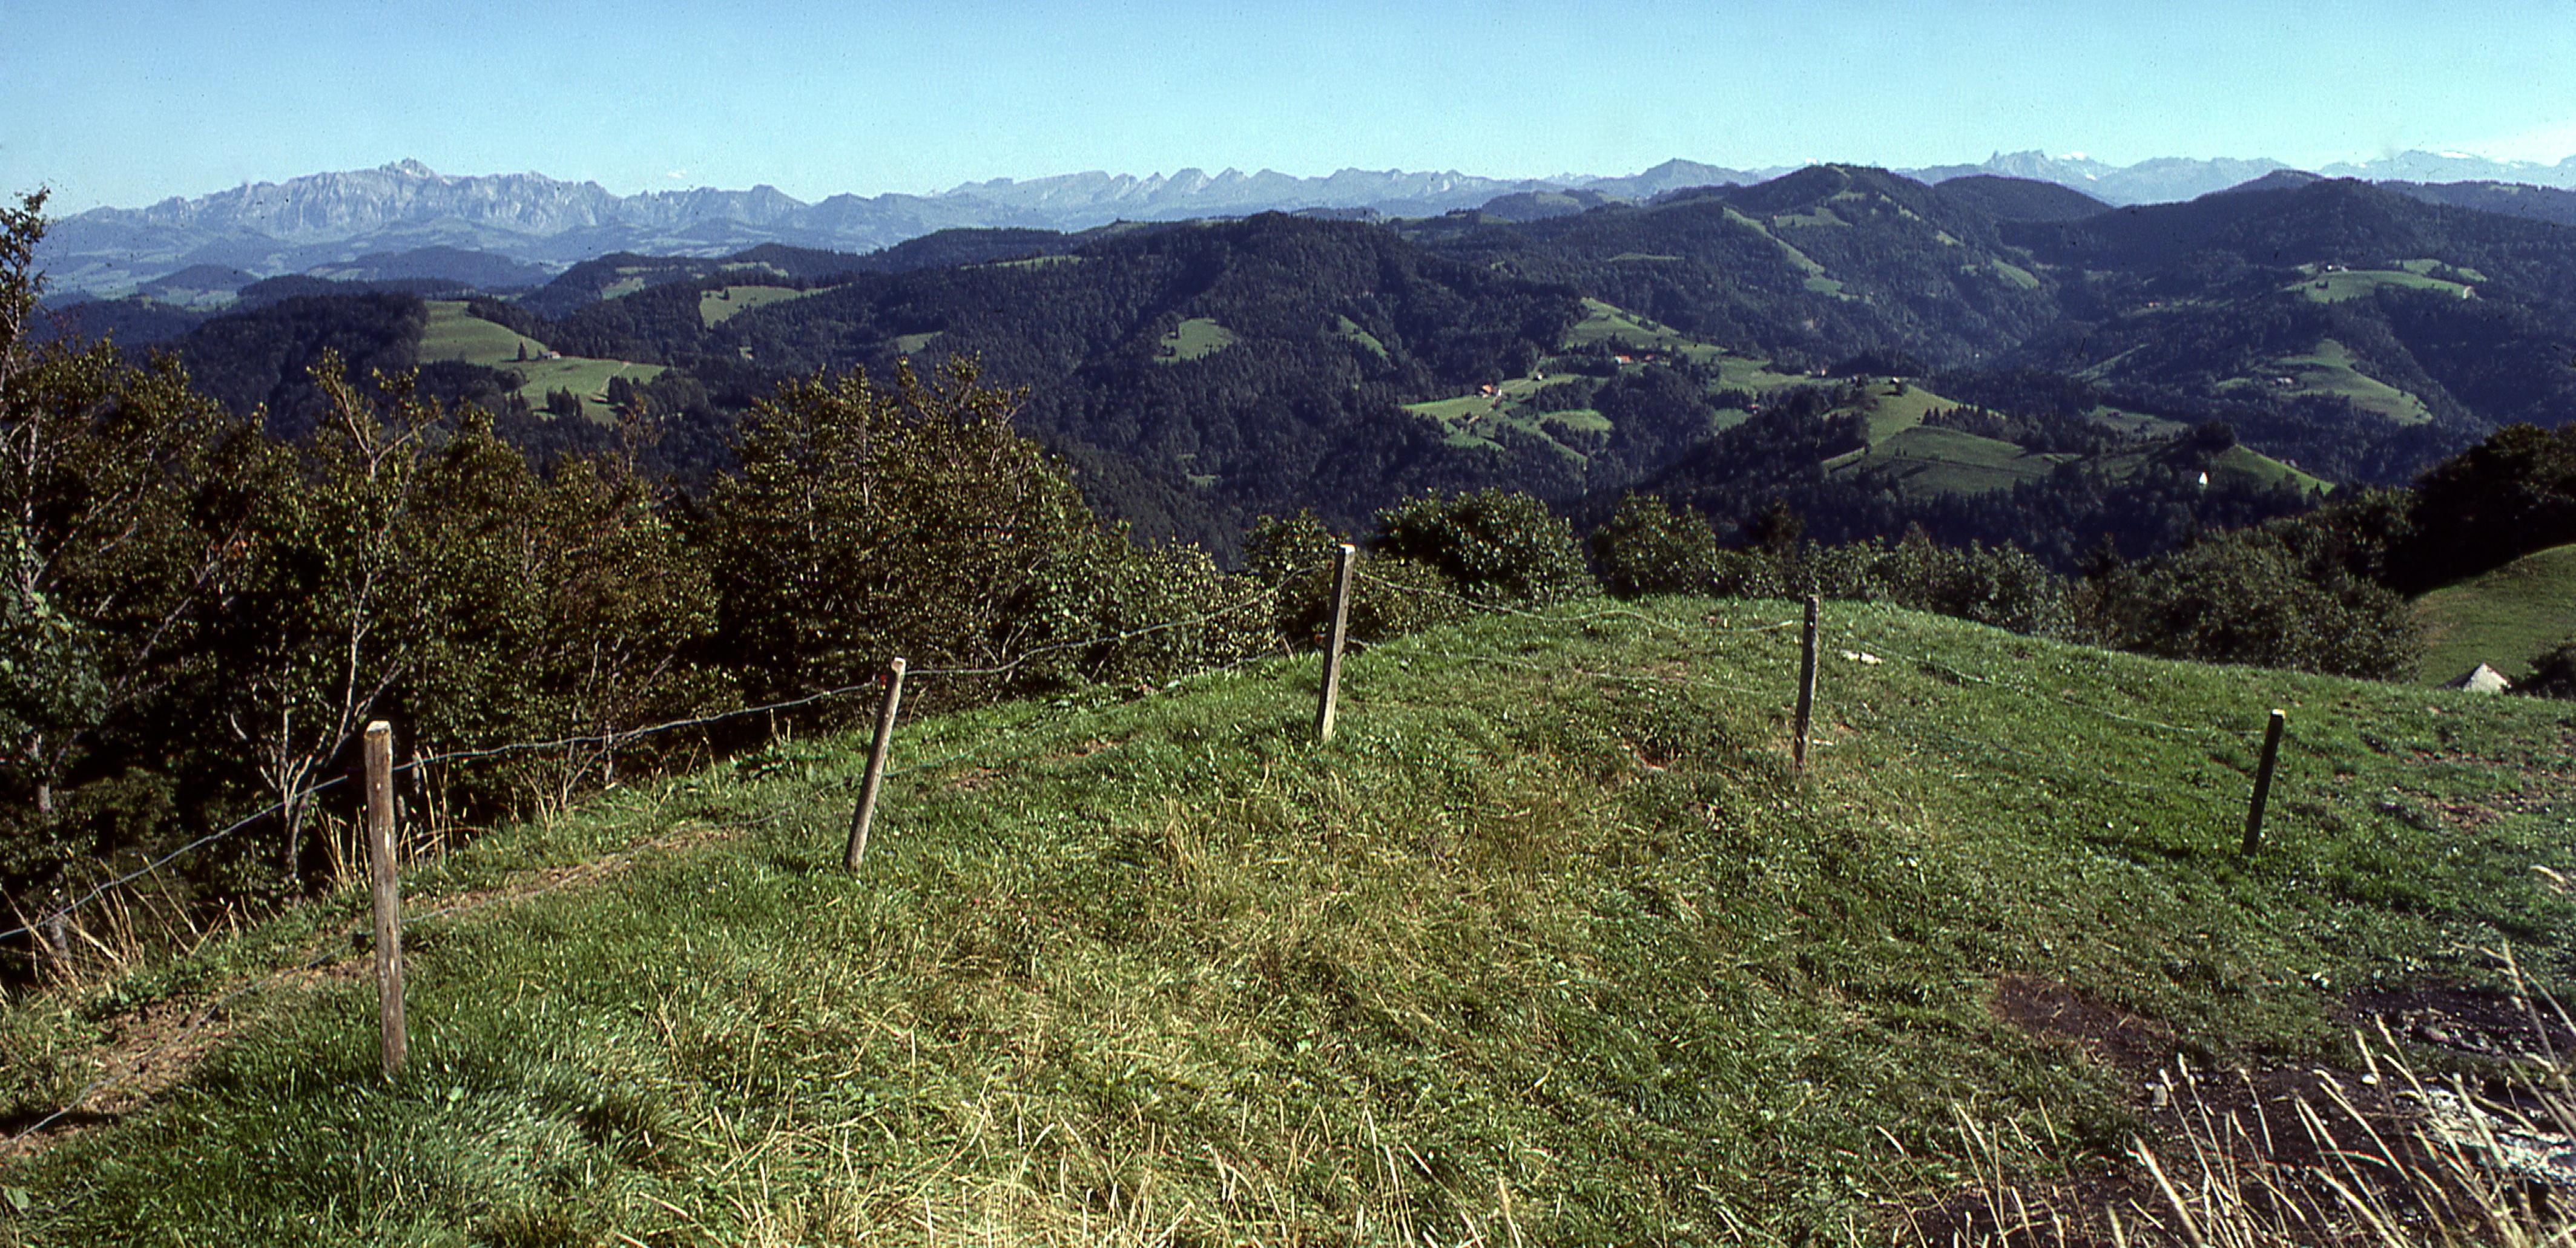 Das Hörnli- oder Tössbergland: Wie die Natur die Landschaft schuf und ihre Entwicklung prägte